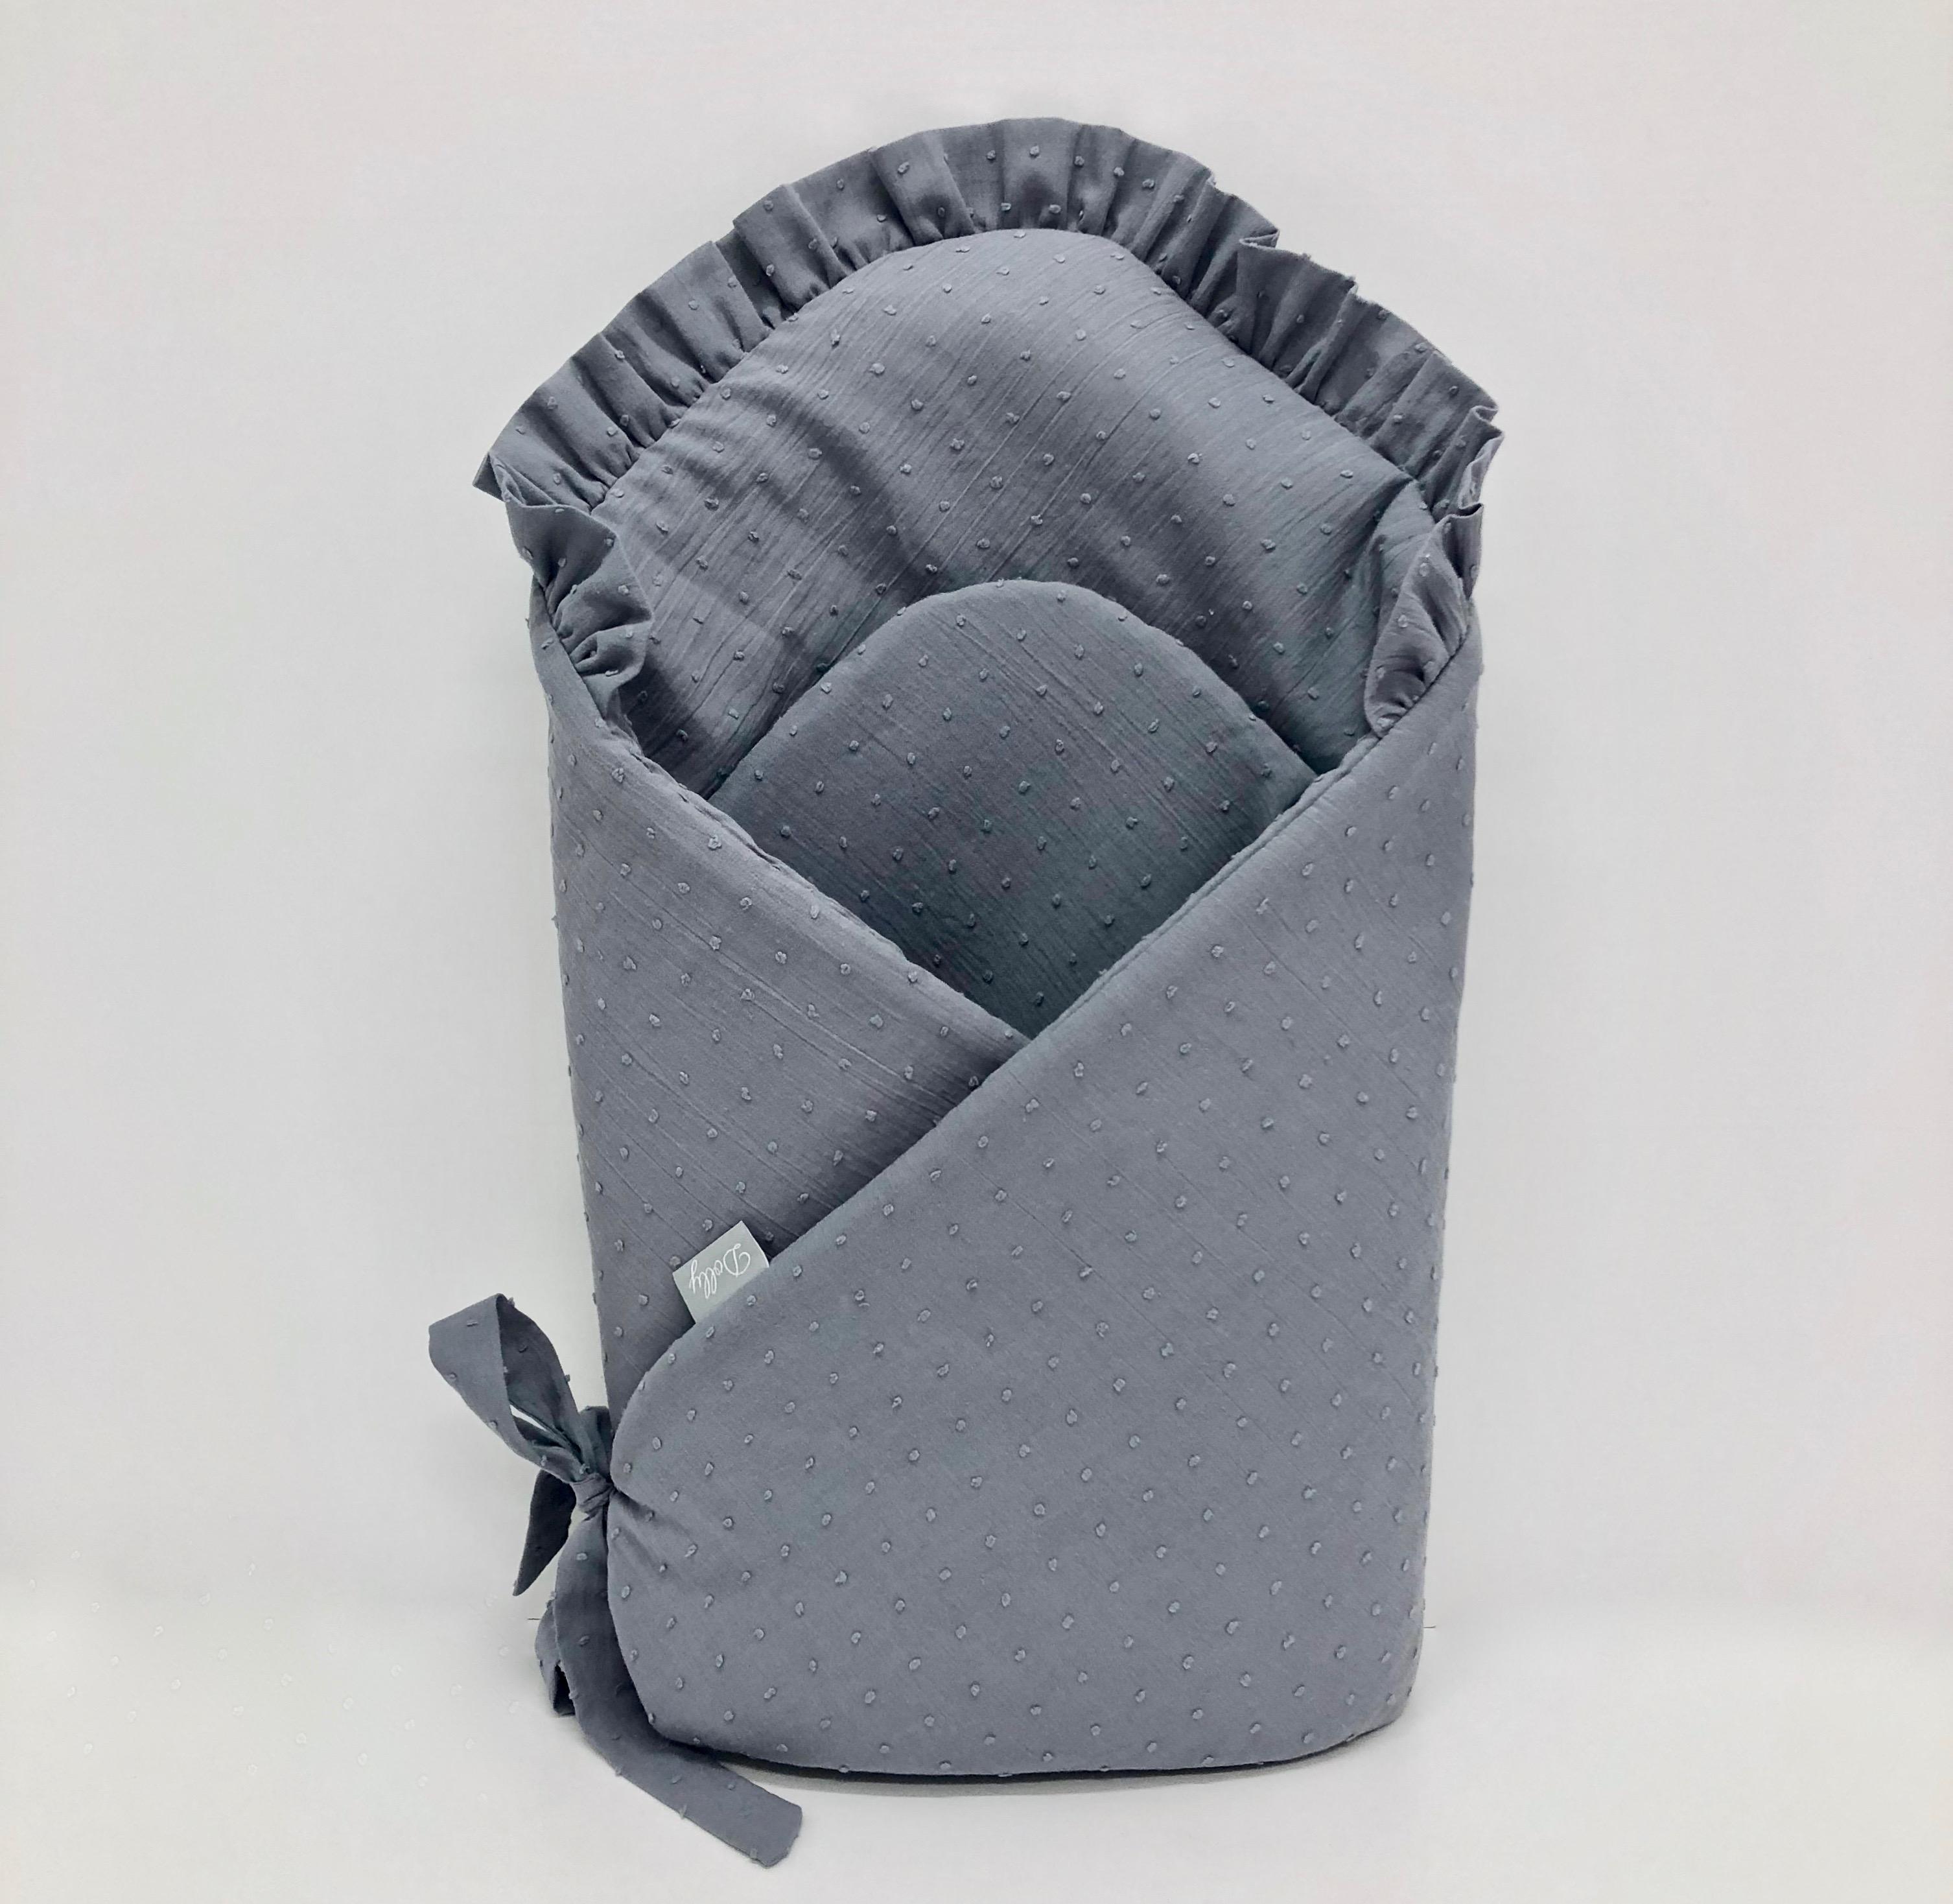 Rożek/becik niemowlęcy w szarym kolorze z falbanką i kokardką jest mięciutki i milutki.